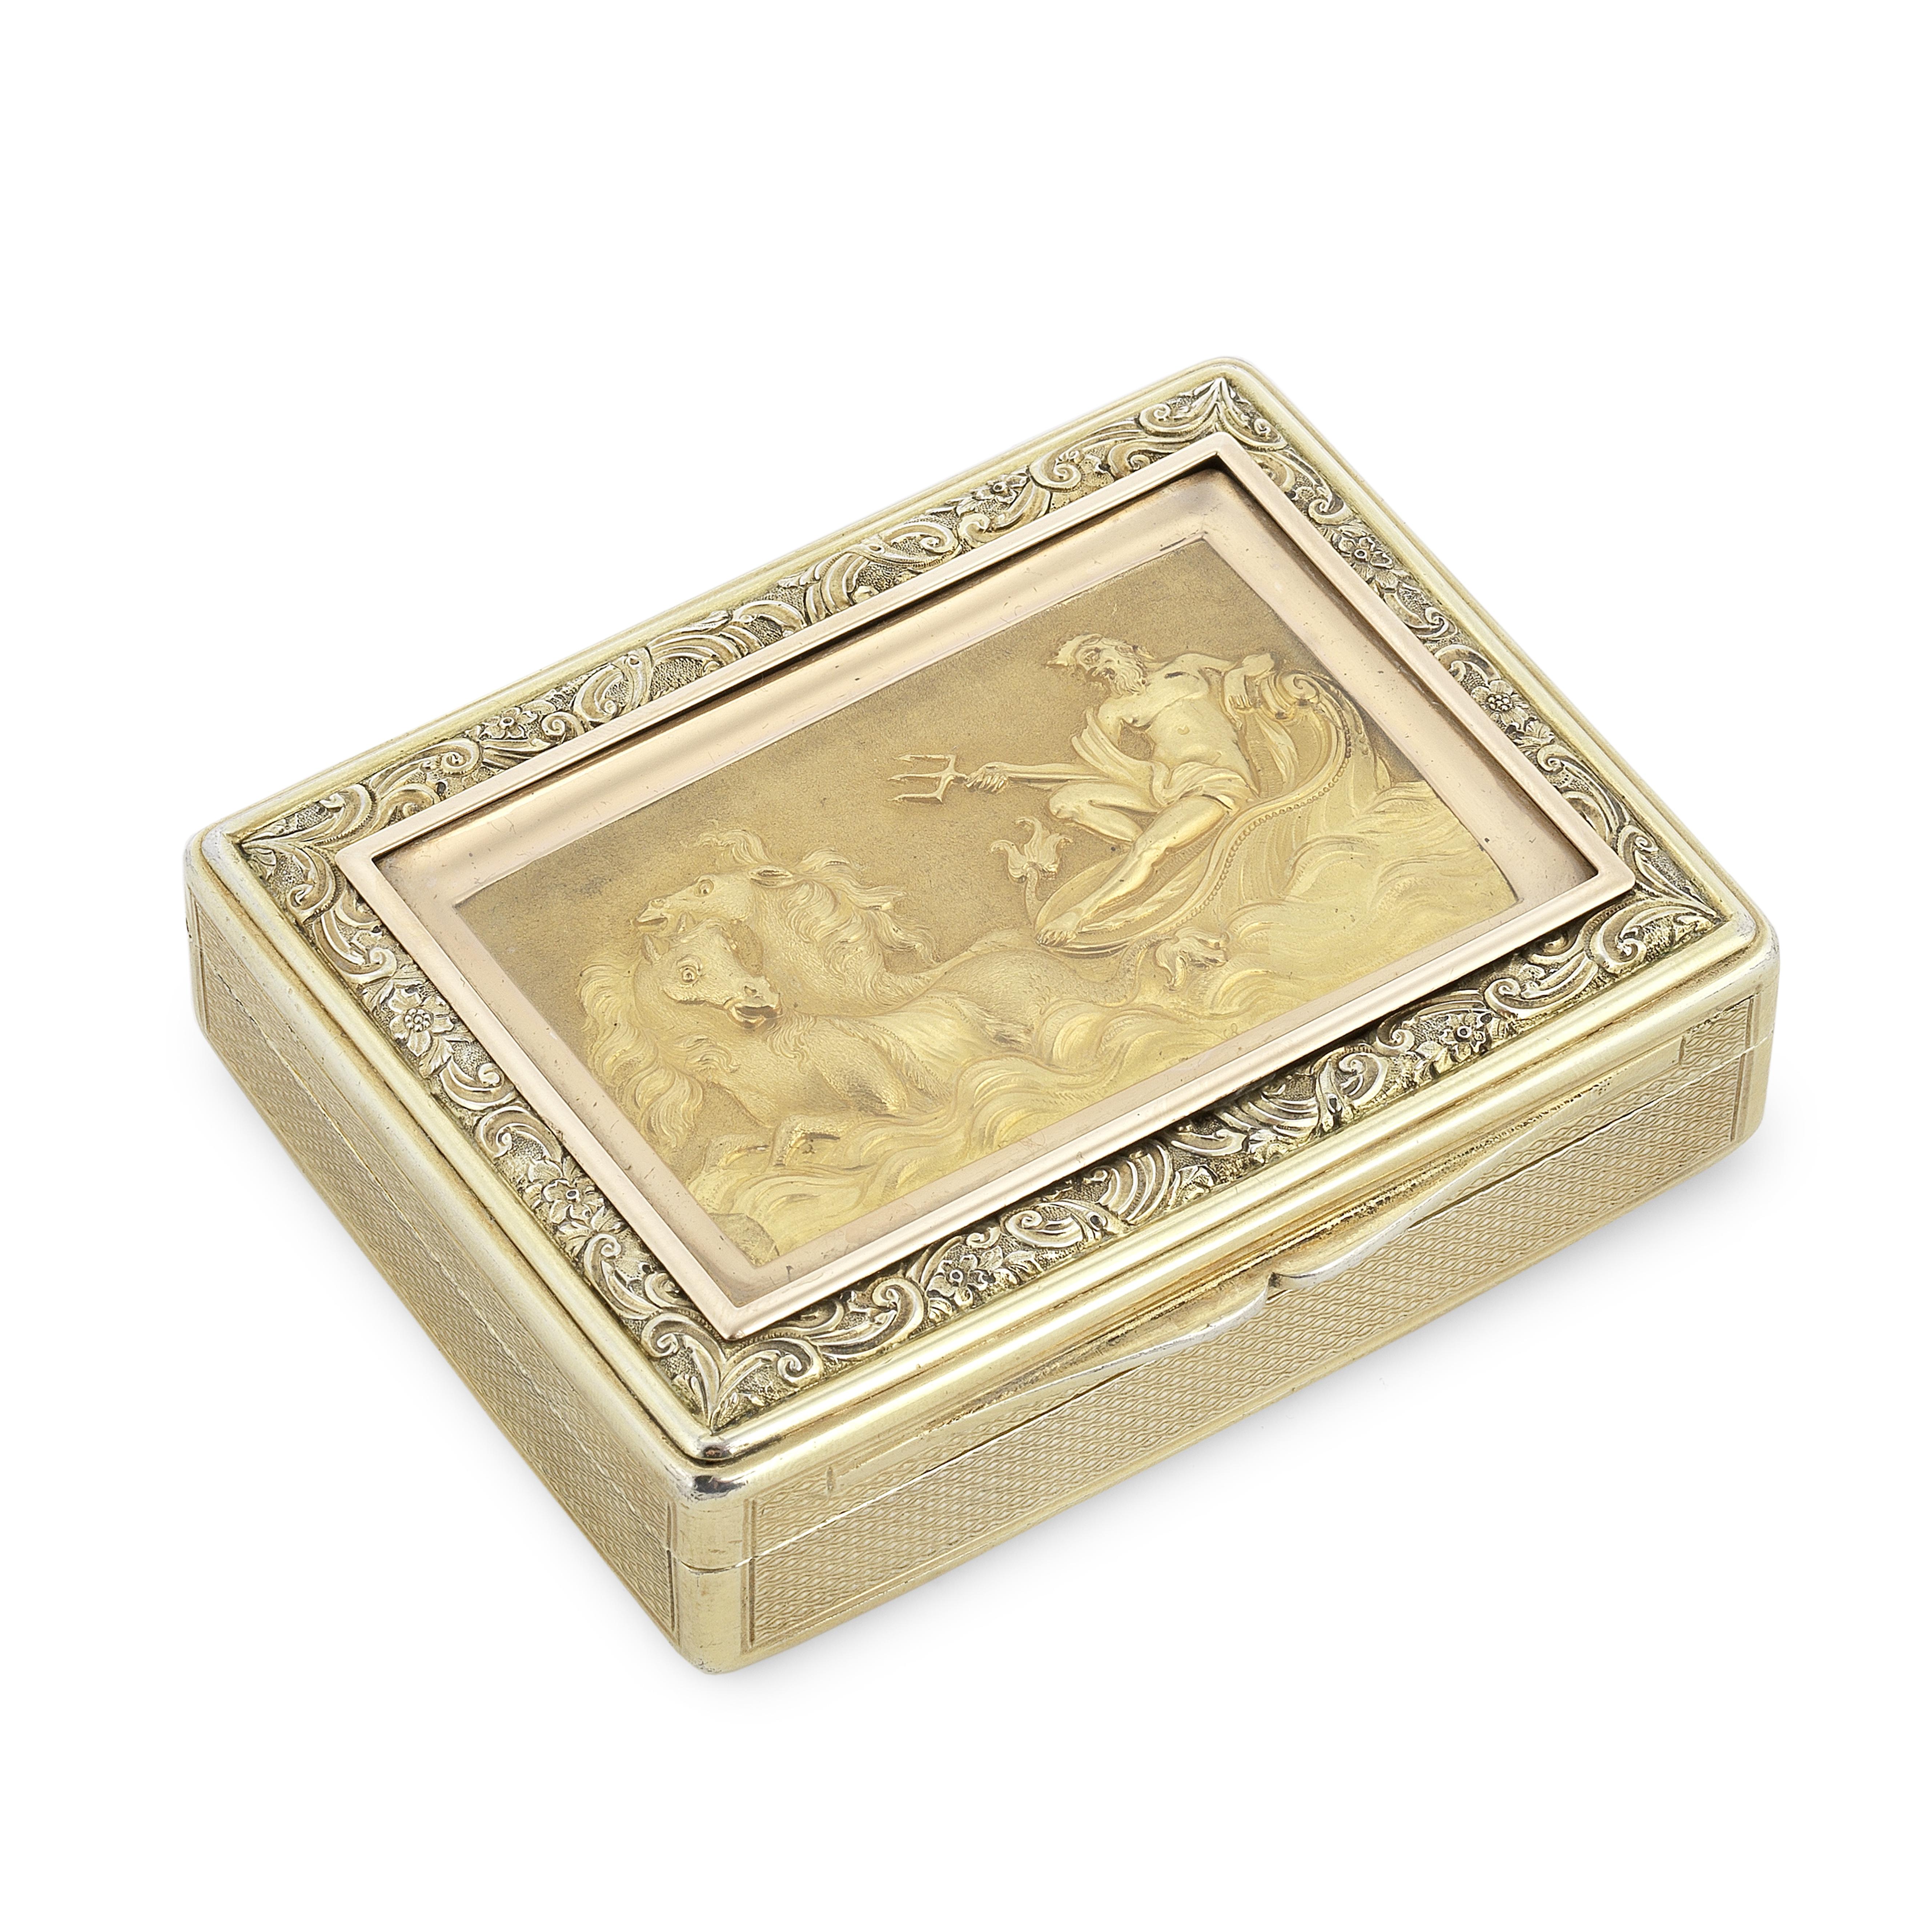 A George III silver-gilt snuff box Daniel Hockly, London 1813